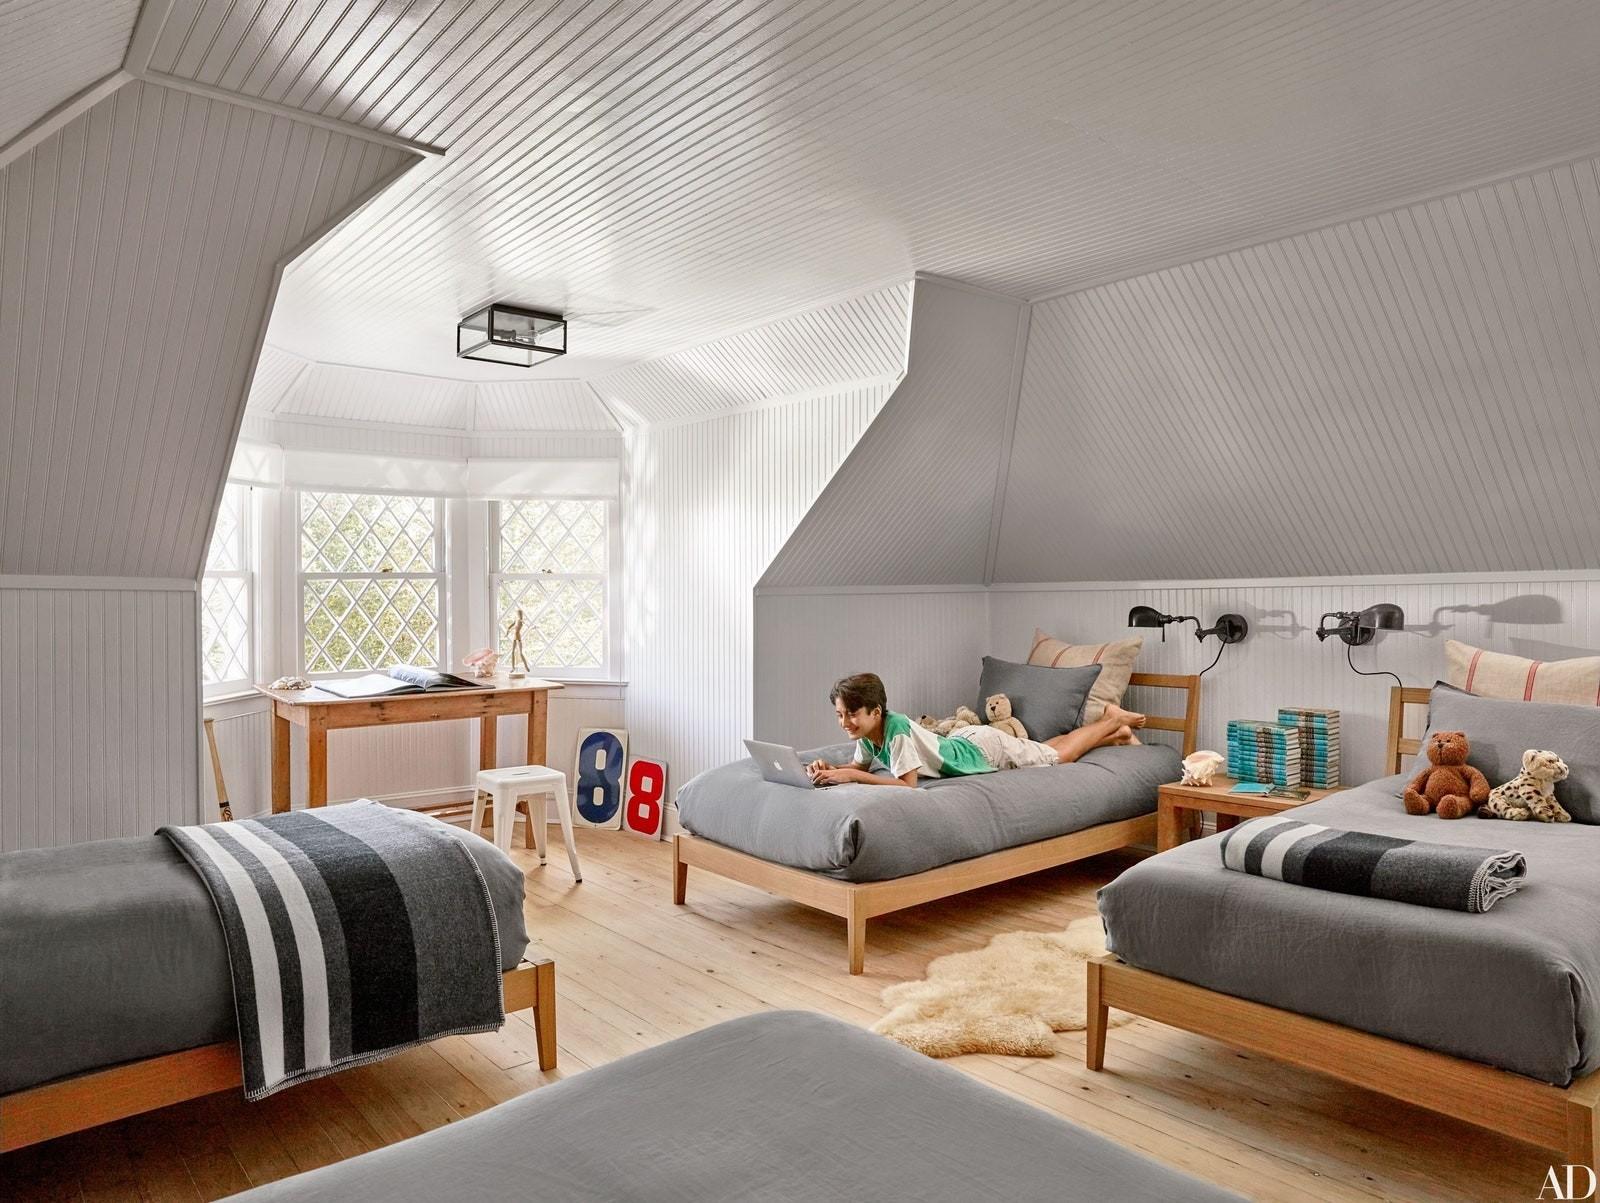 ألوان دهانات مناسبة لغرف أطفال أولاد- الرمادي